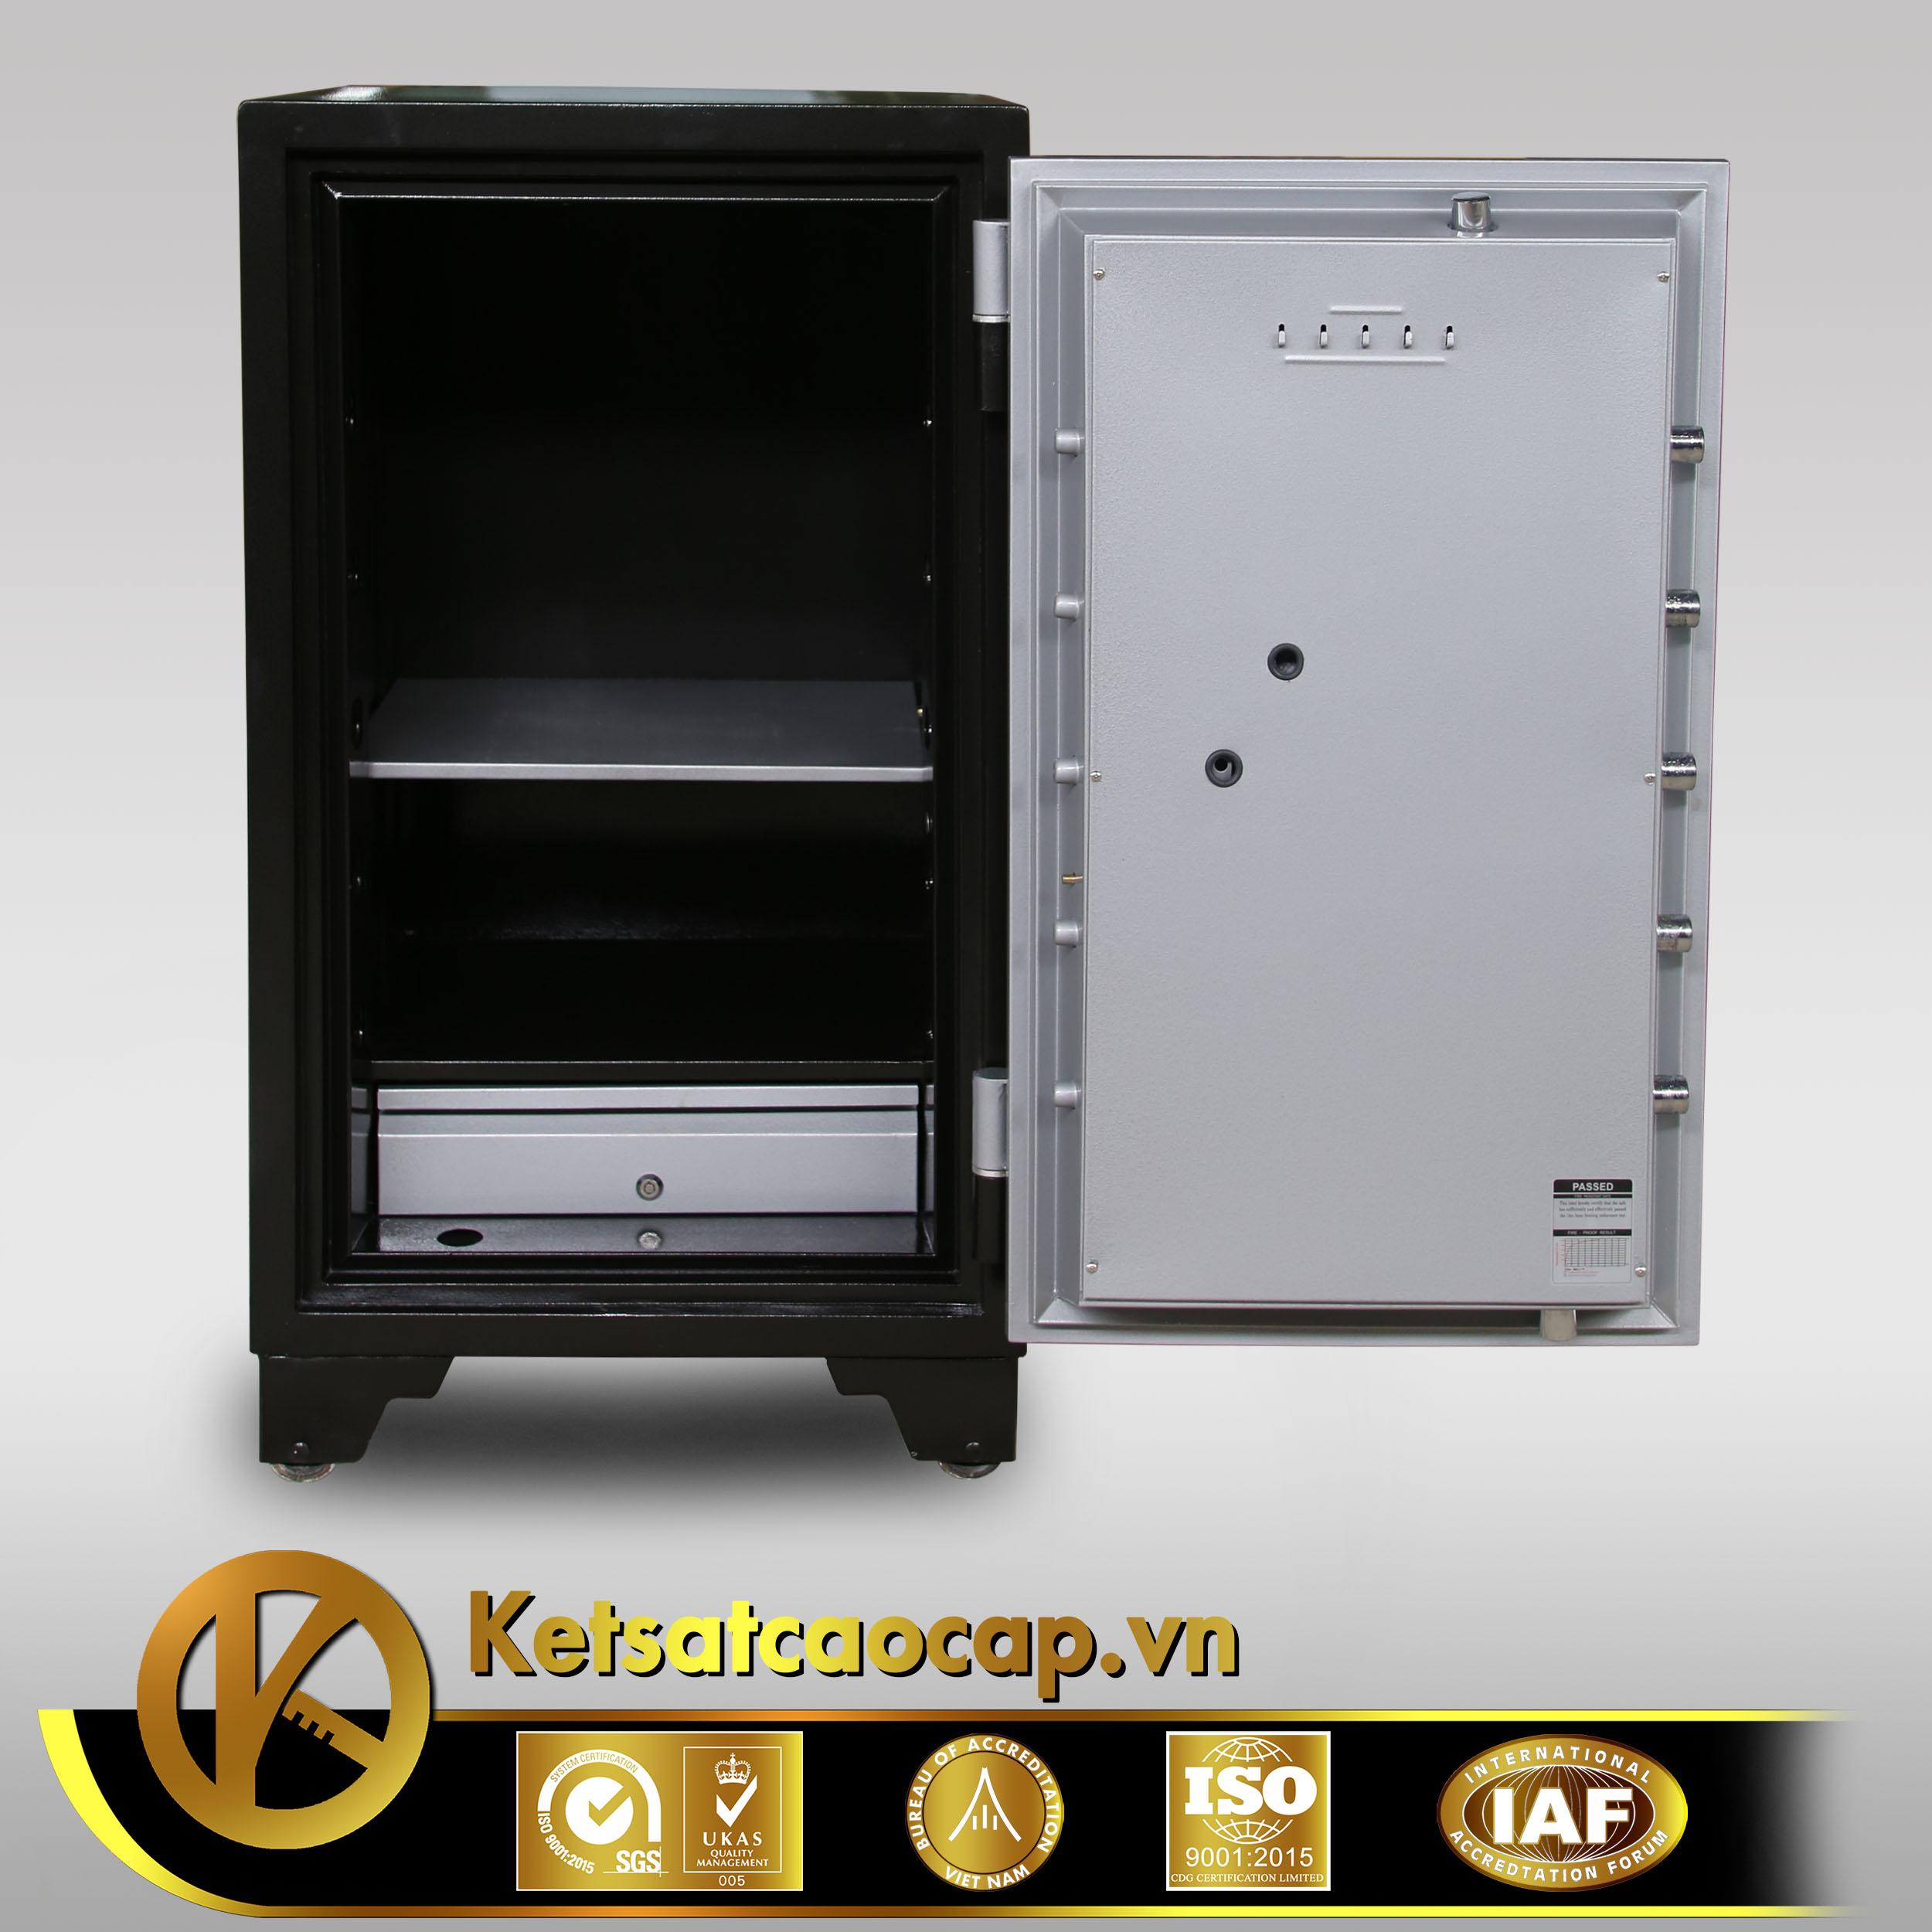 đặc điểm sản phẩm Két sắt Welko KS1070 HQ khóa điện tử